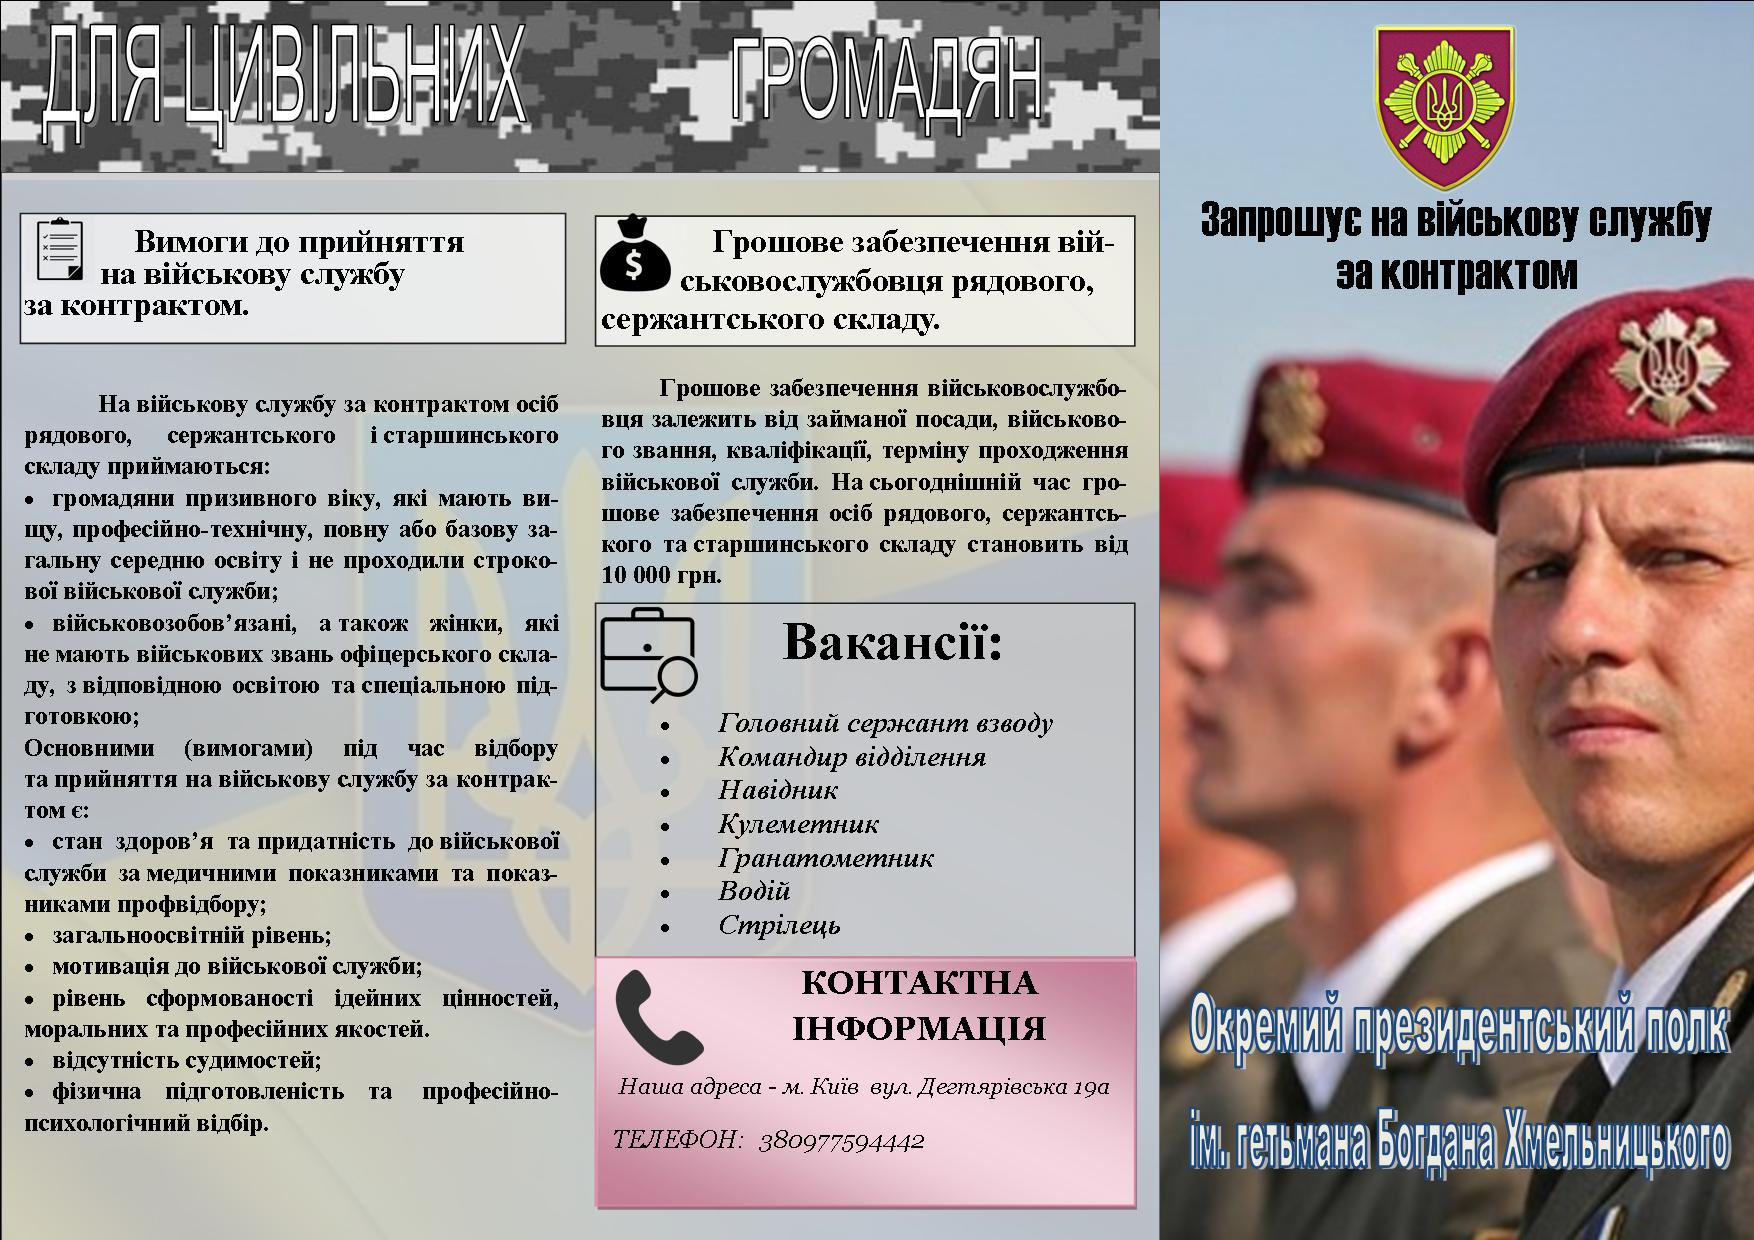 Запрошує на військову службу за контрактом окремий президенський полк ім. гетьмана Богдана Хмельницького